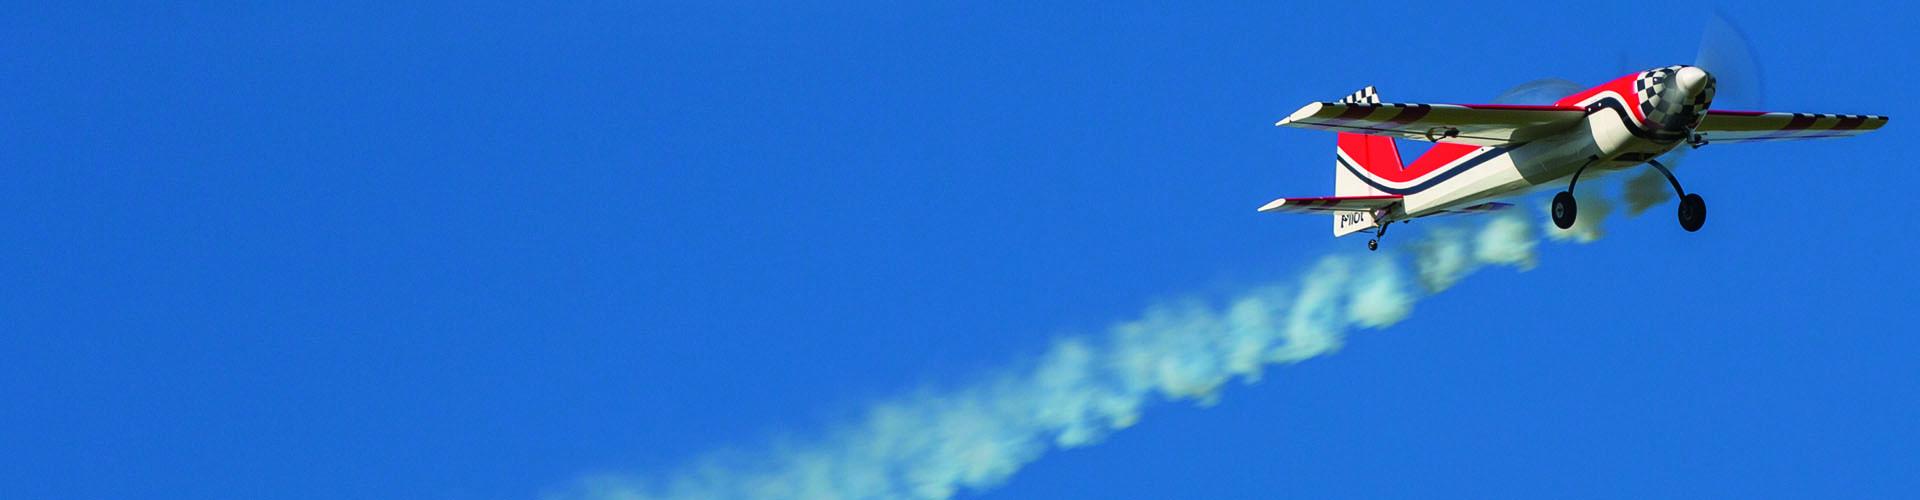 Mälaröarnas Modellflygklubb